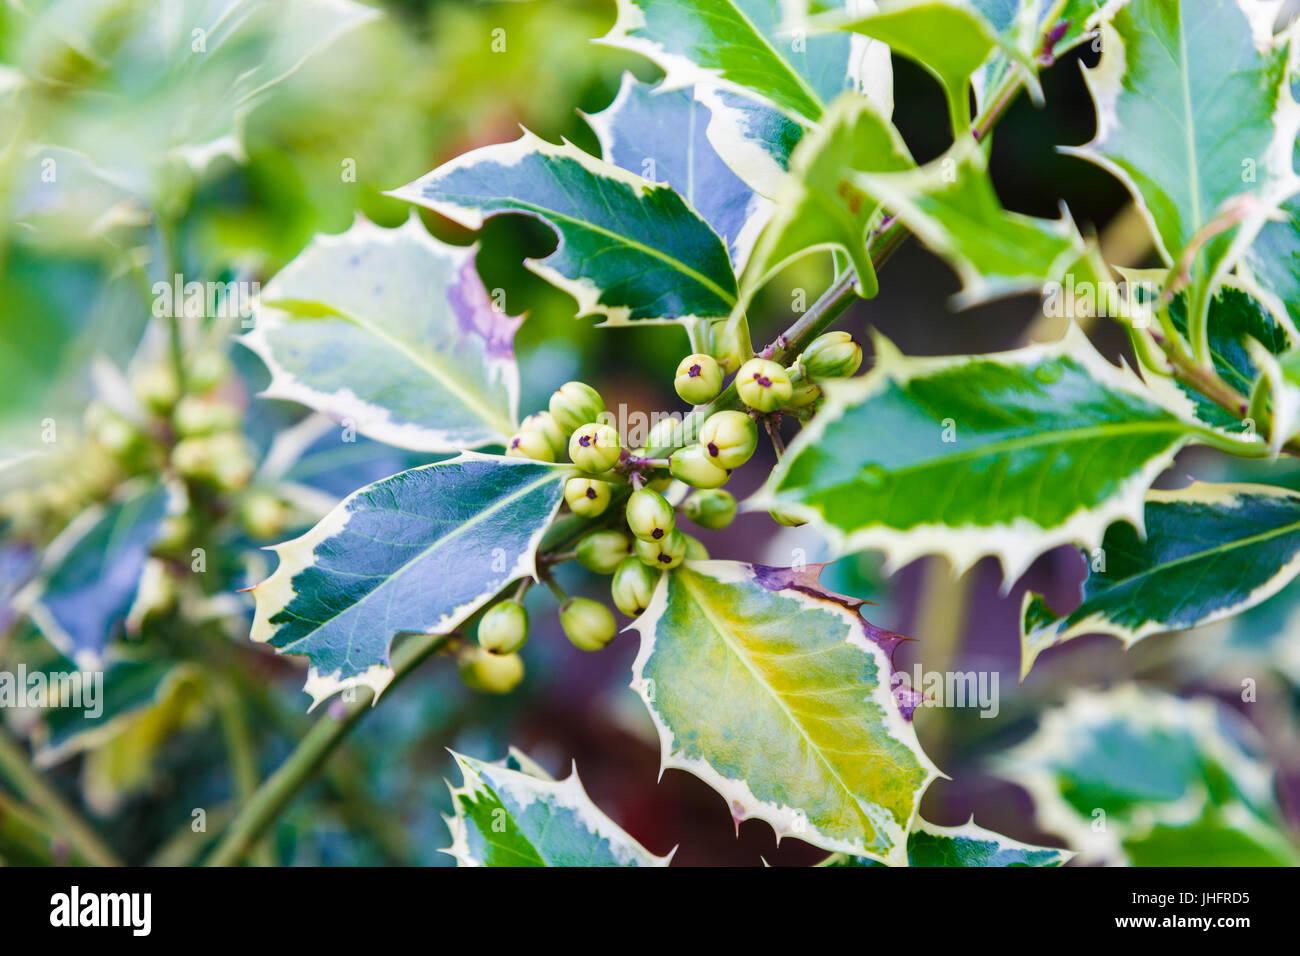 gardening holly (Ilex aquifolium Aureomarginata). Leaves and fruits. - Stock Image